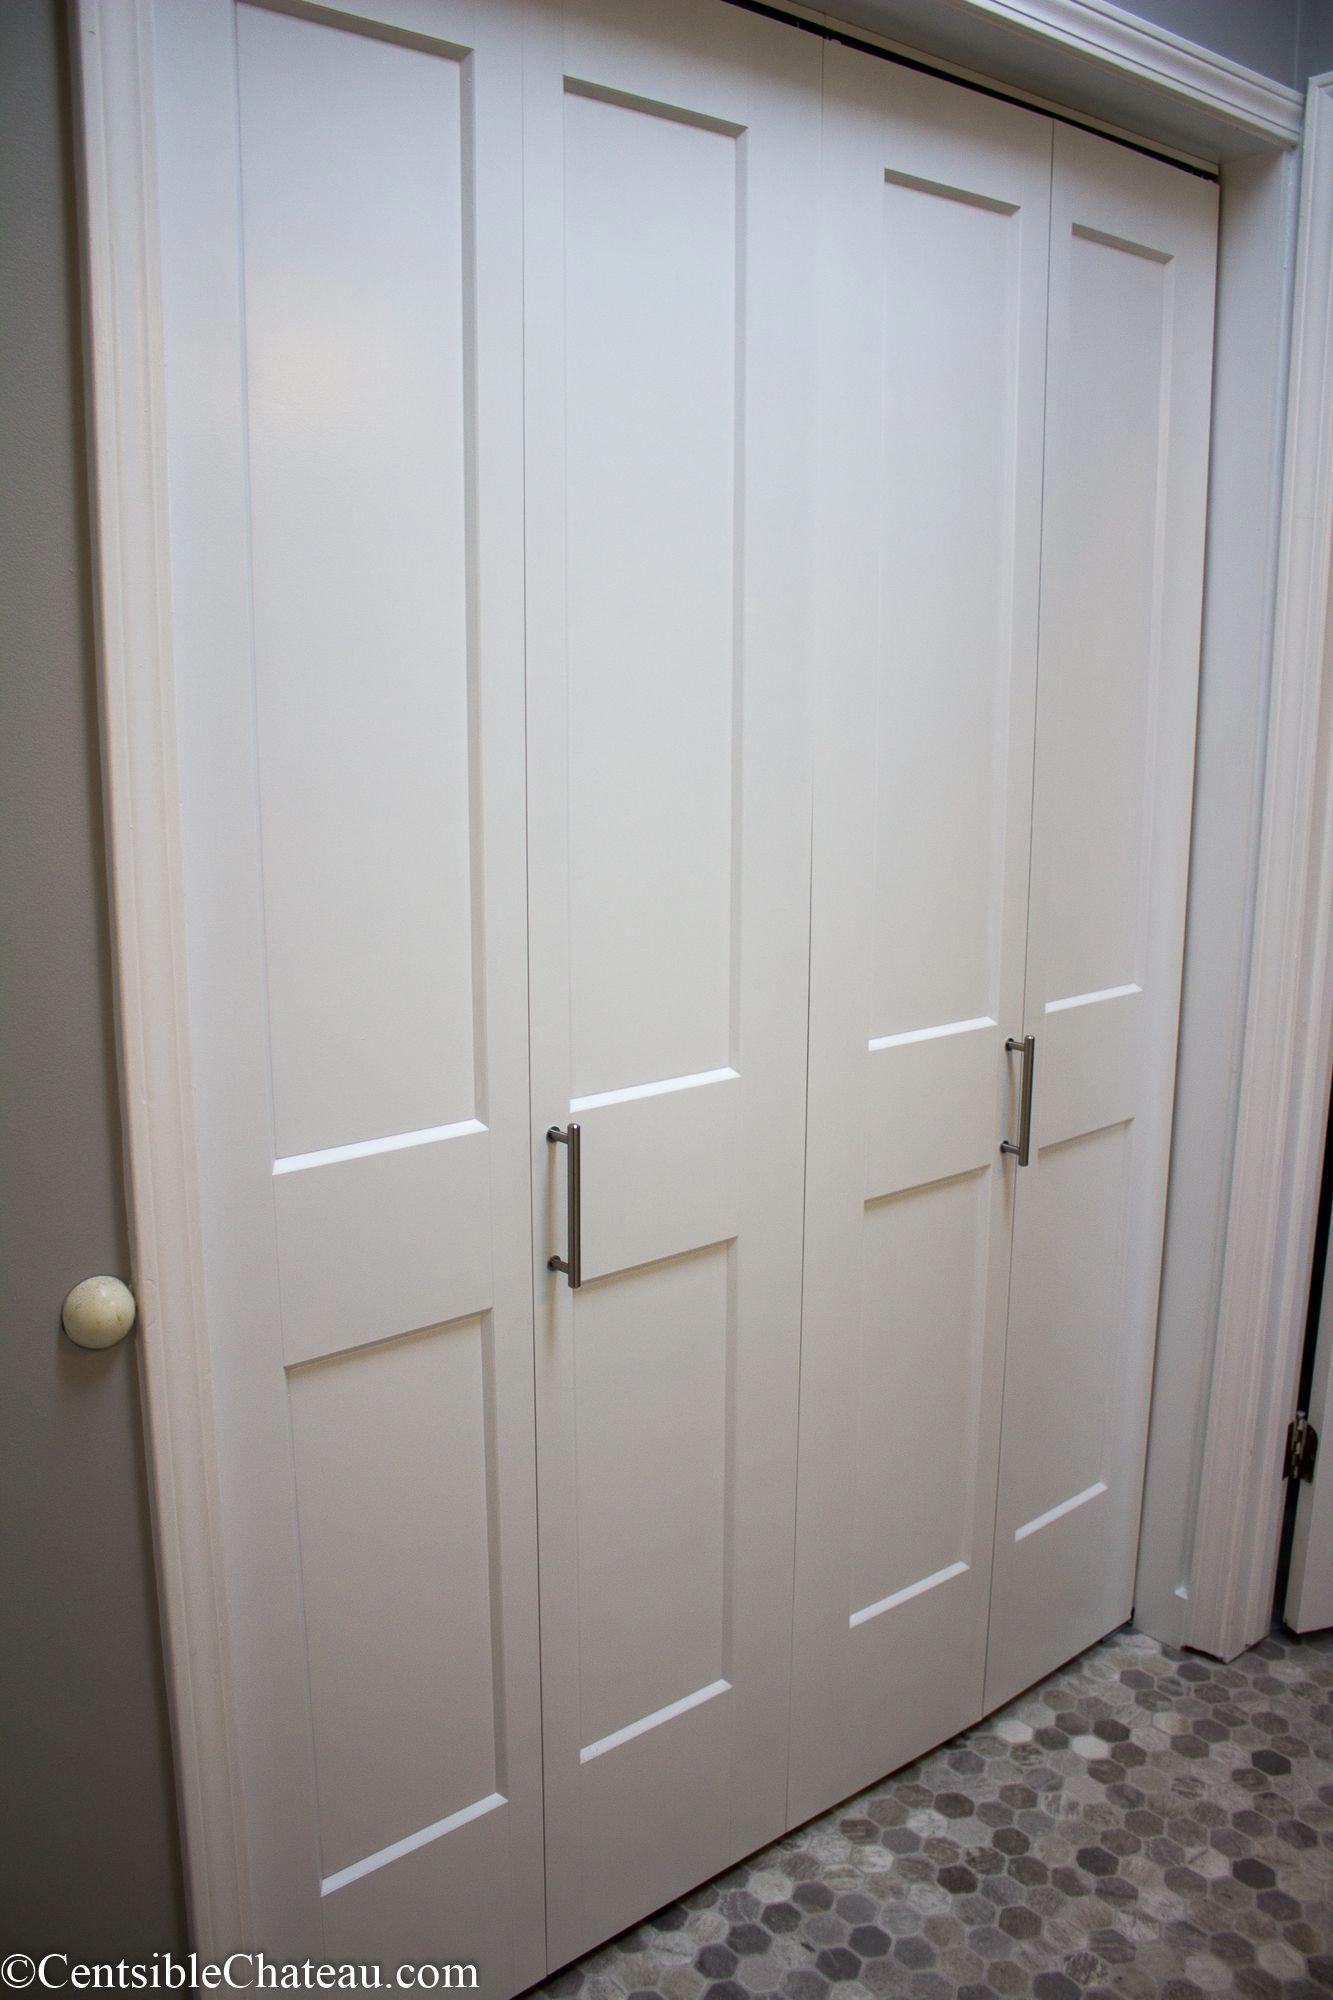 How To Easily Install Bi Fold Closet Doors Via Centschateau Bedroomcloset Bifold Closet Doors Folding Closet Doors Bedroom Closet Doors